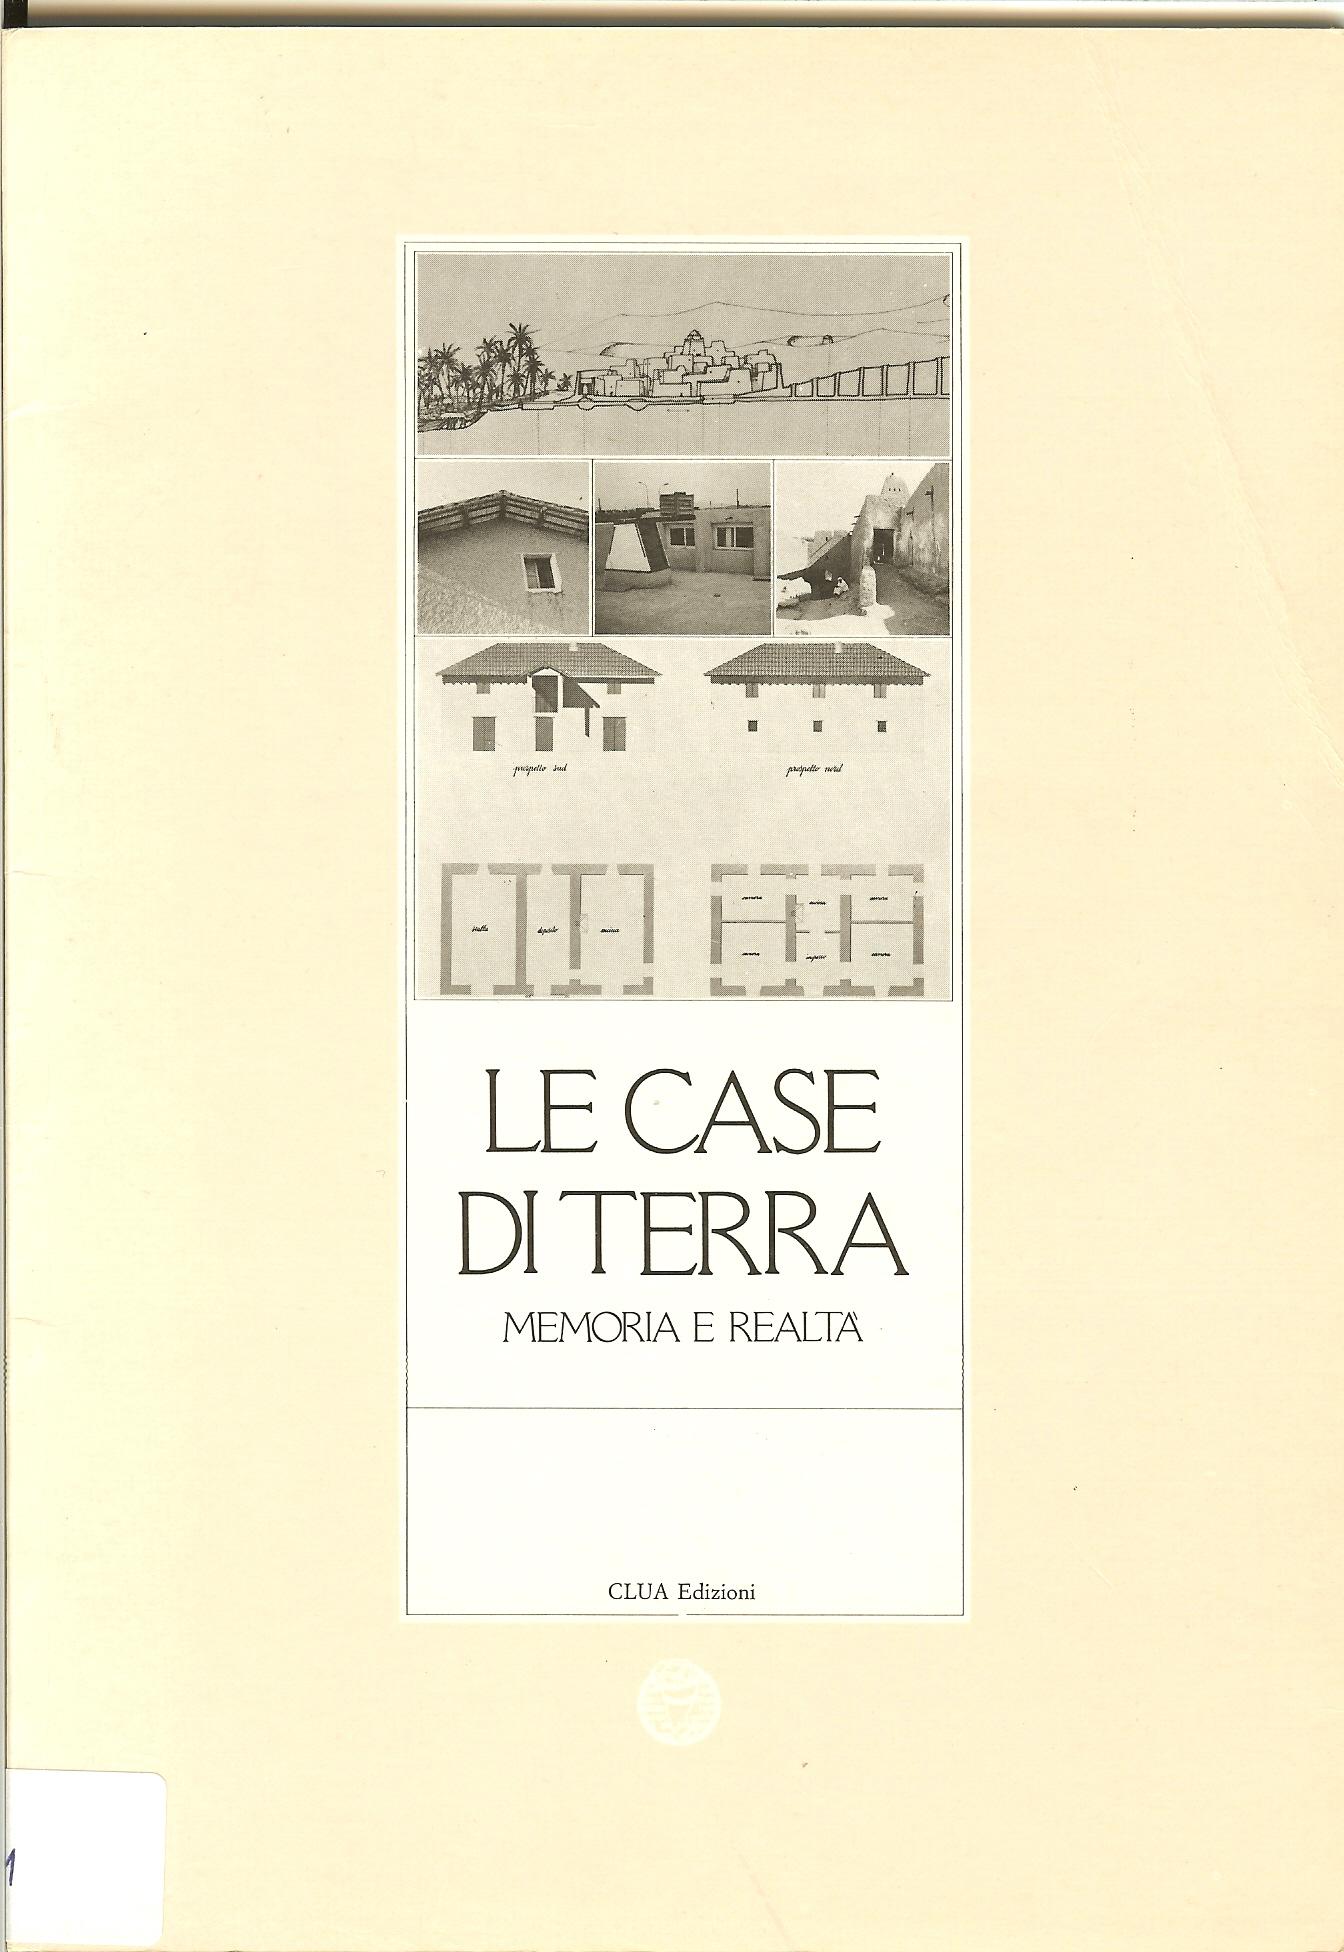 Le case di terra memoria e realt catalogo della mostra for Case di terra